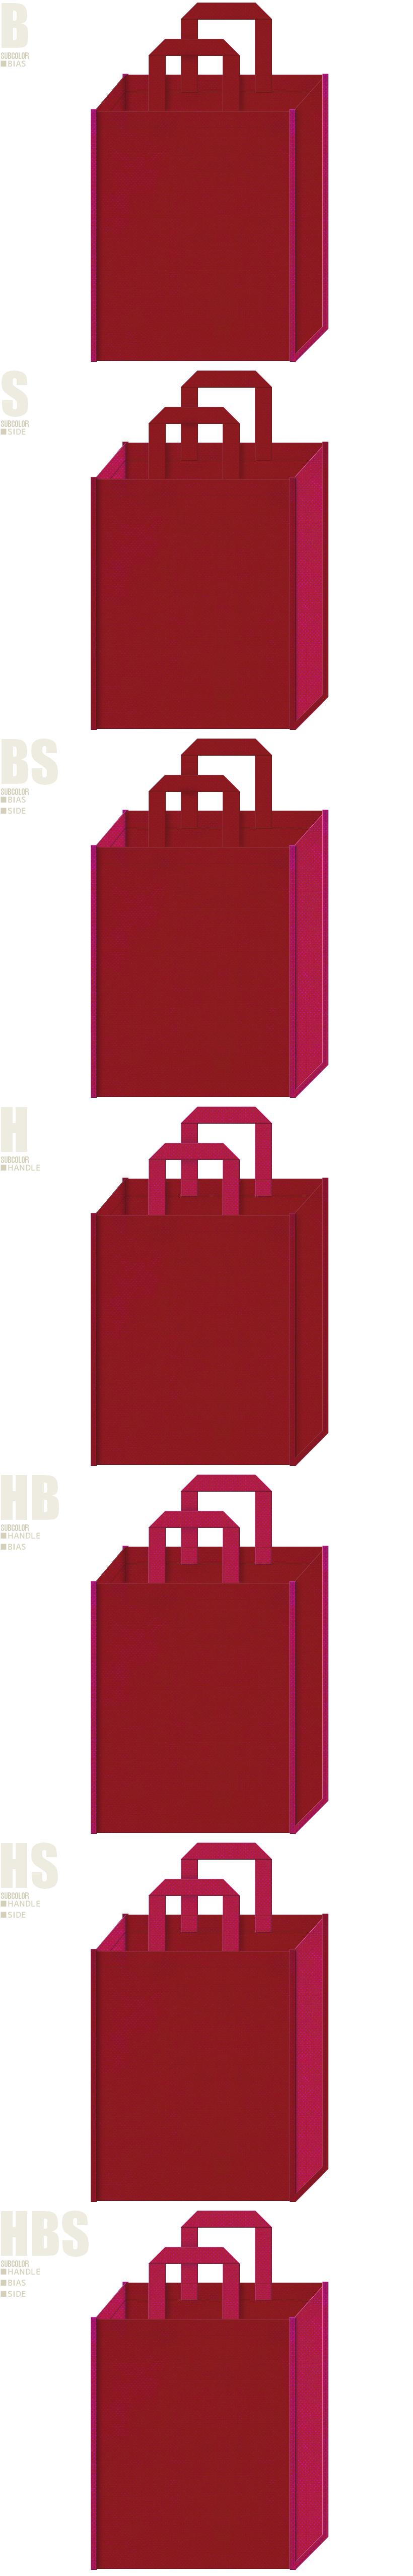 振袖・着物・お正月・卒業式・成人式・七五三・雛祭り・和風催事にお奨めの不織布バッグデザイン:エンジ色と濃いピンク色の配色7パターン